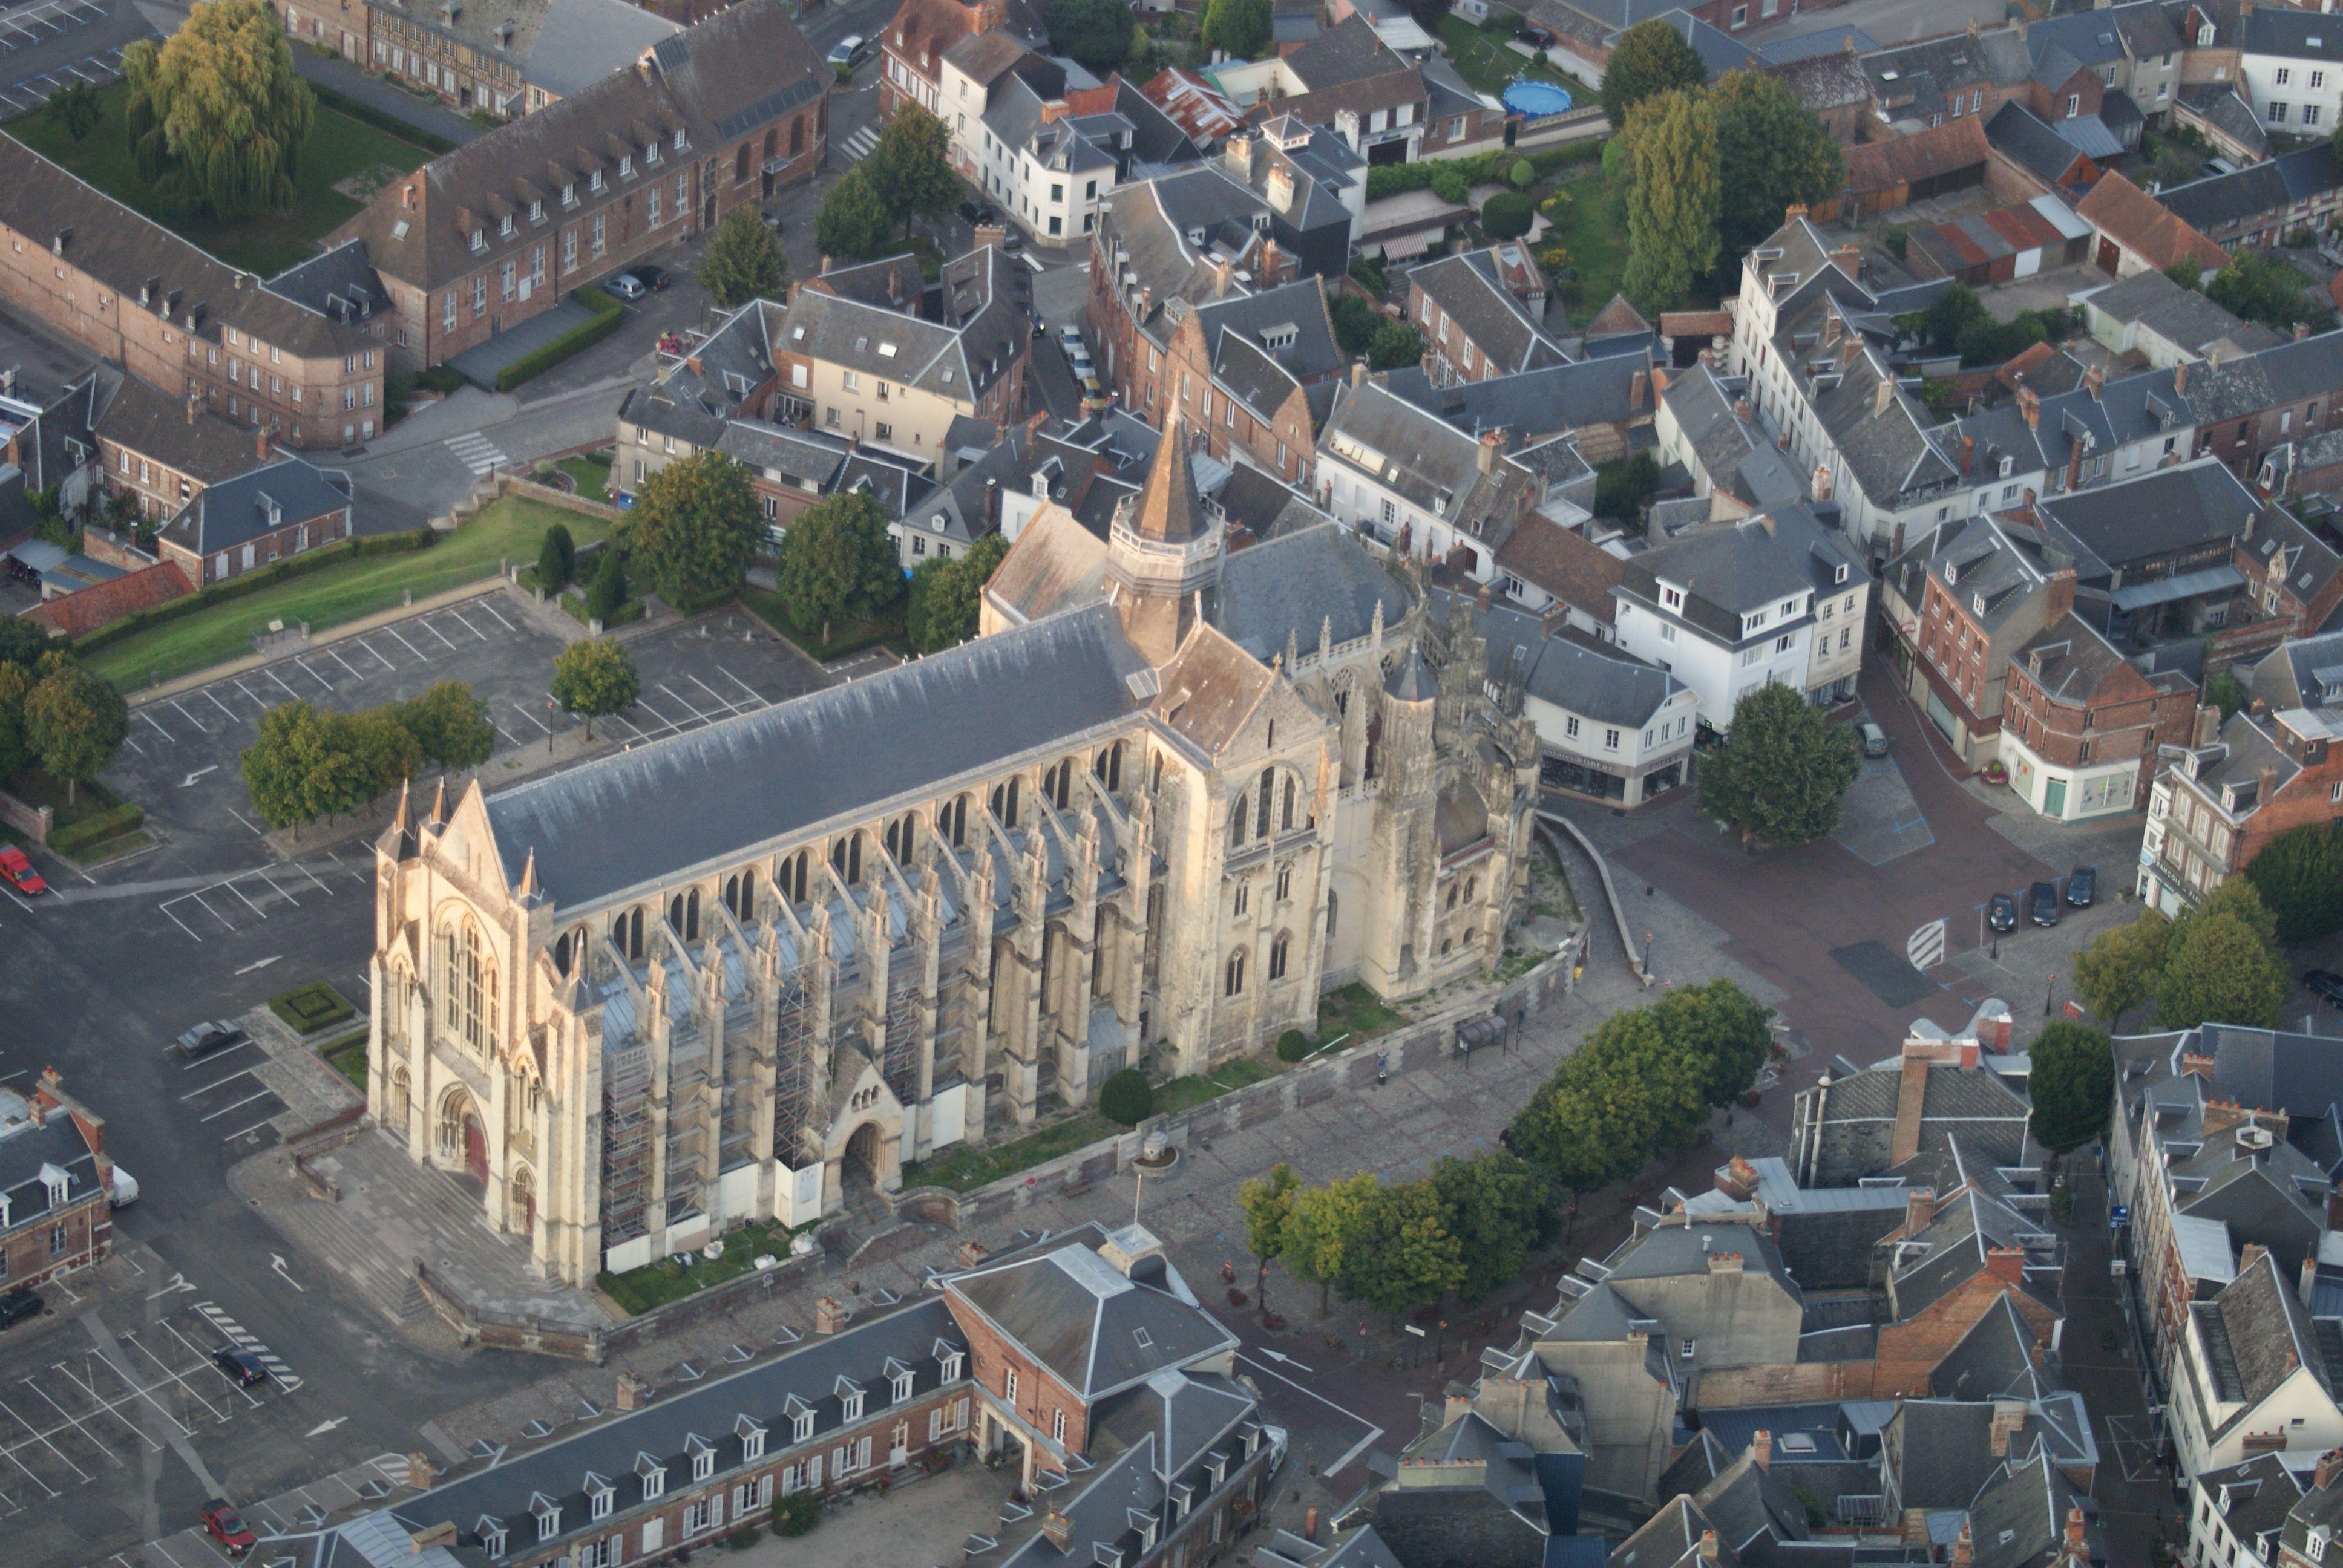 Collégiale Notre-Dame et Saint-Laurent O'Toole D'Eu